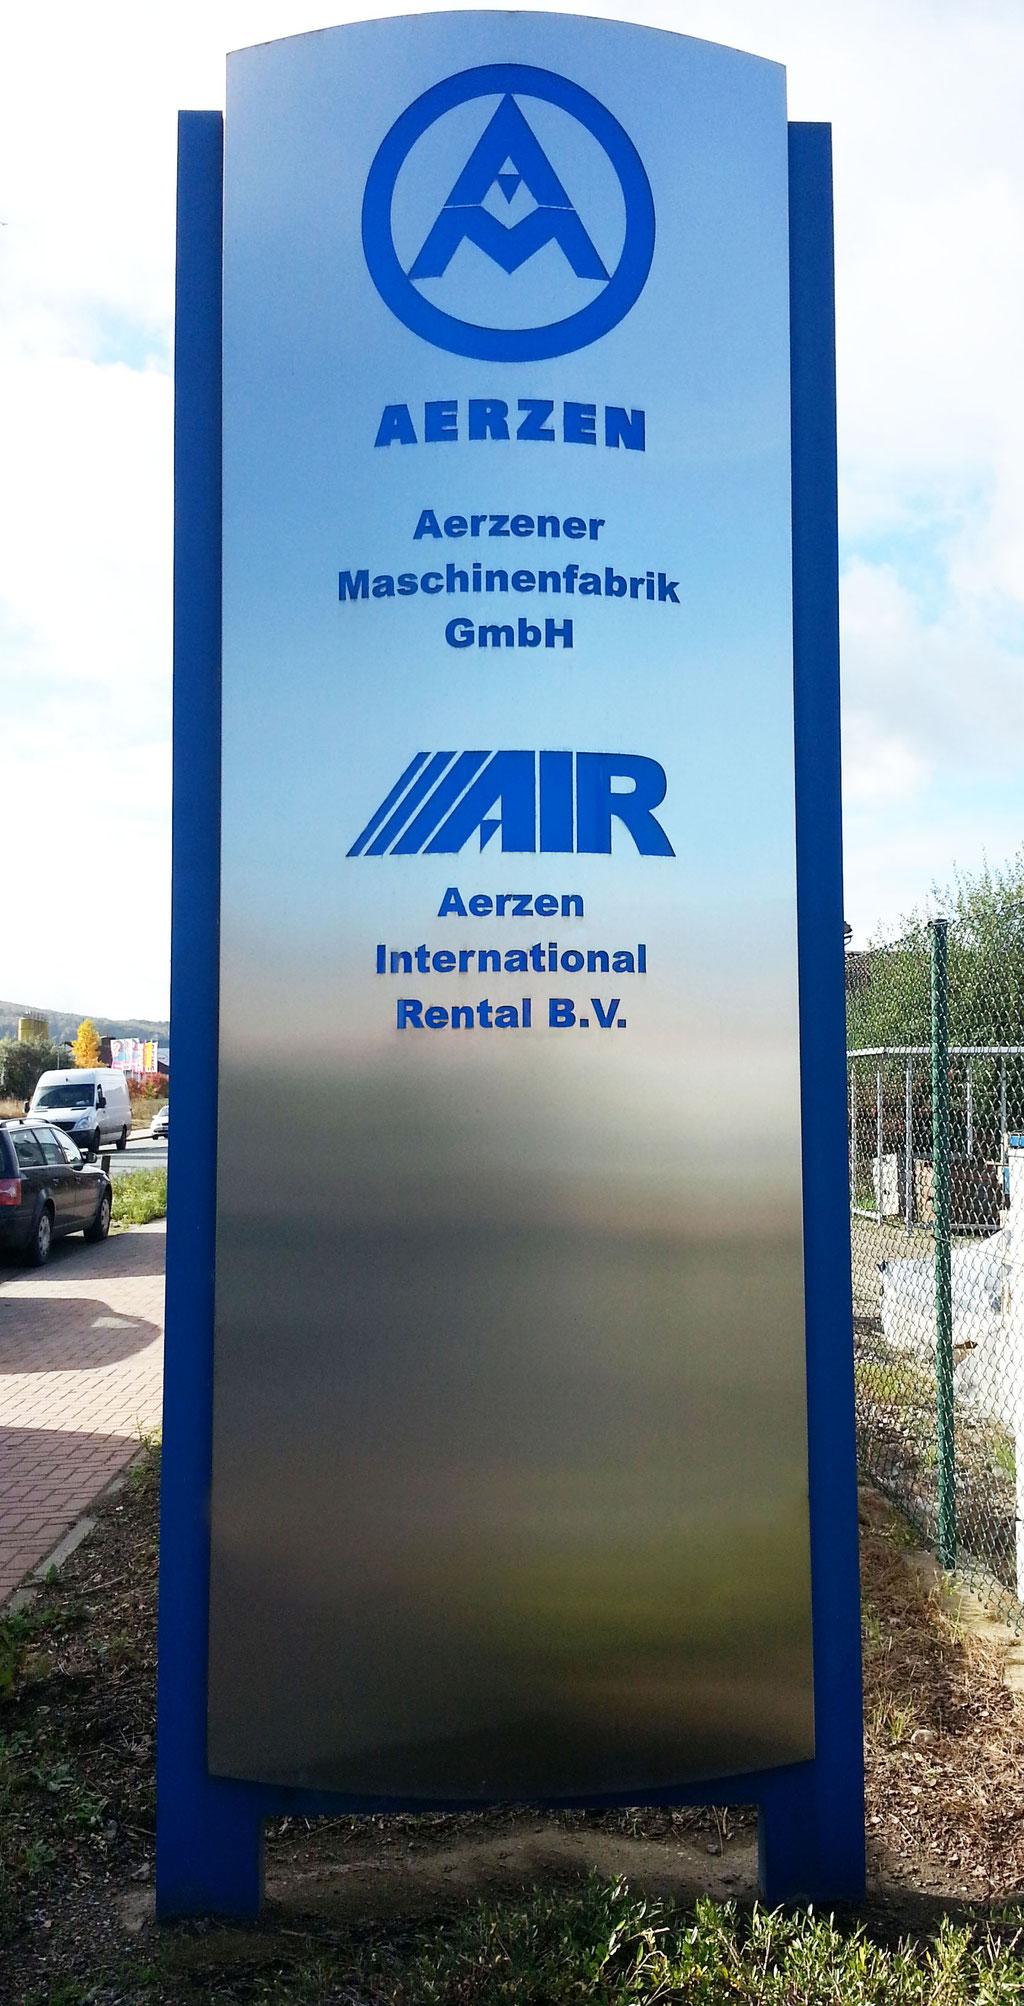 Aerzener Maschinenfabrik - Pylon